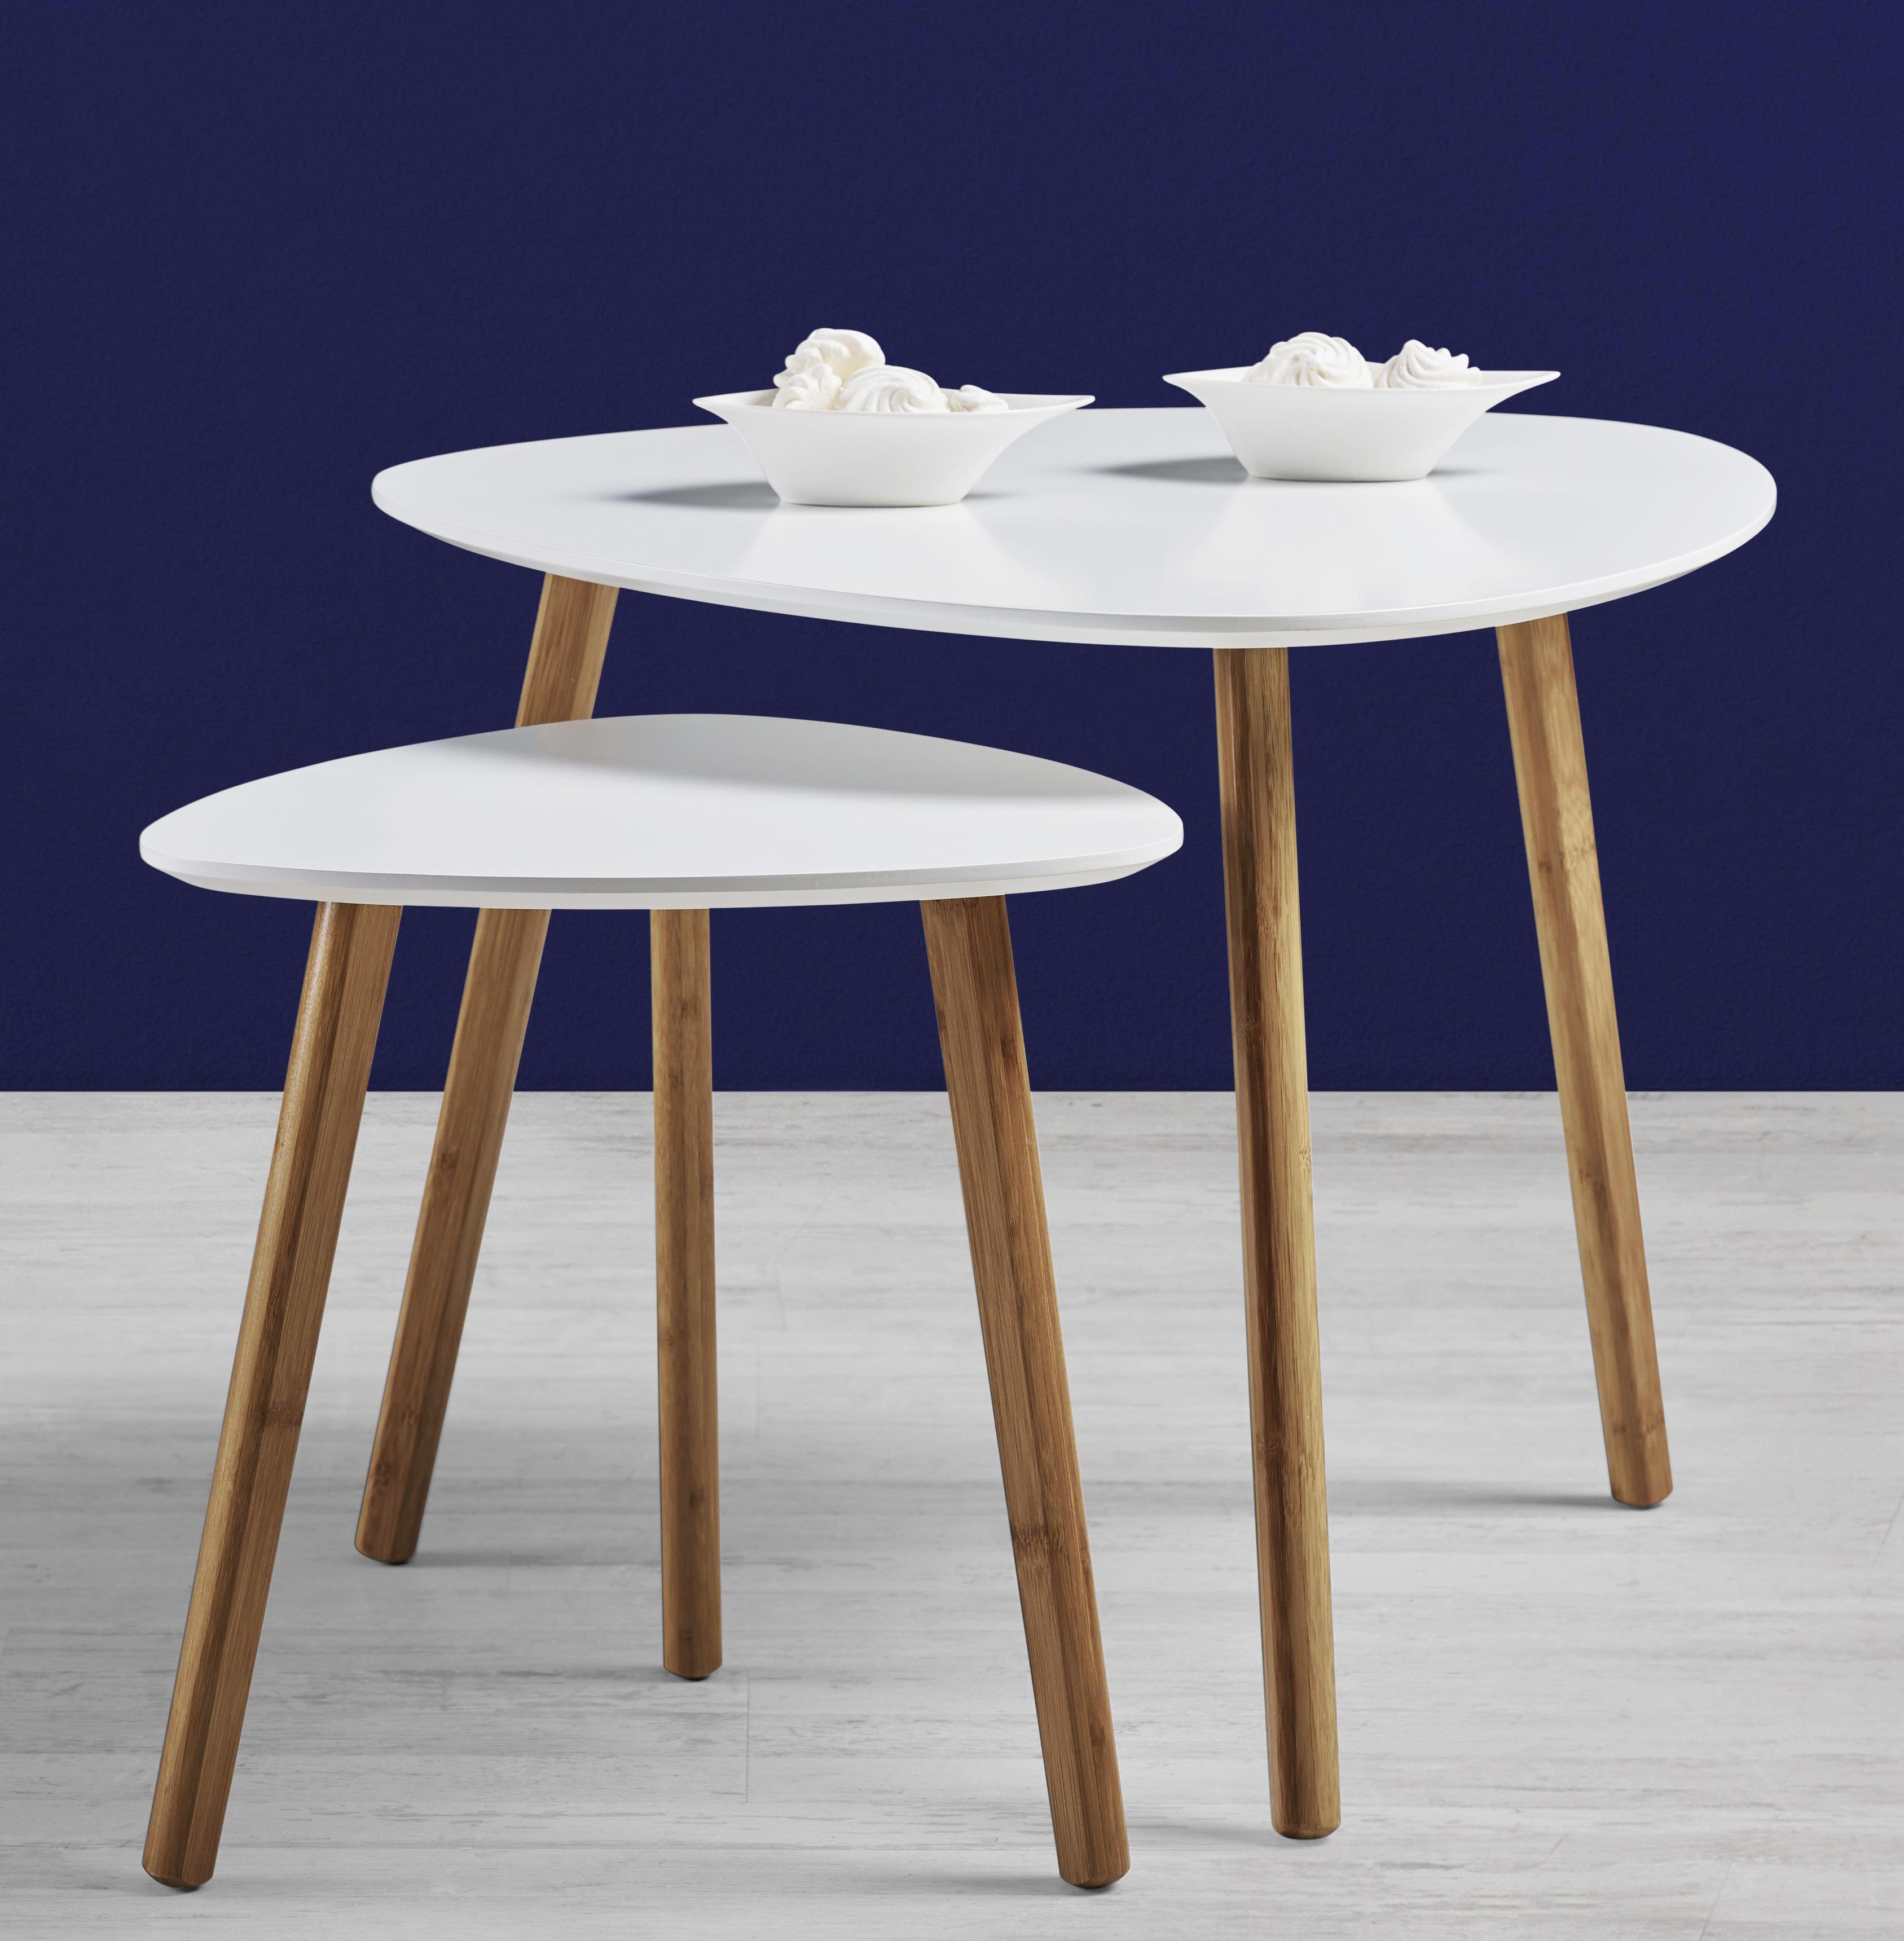 Couchtisch Antje 2-tlg. - Braun/Weiß, MODERN, Holz (60/40/60/40/48/40cm) - MÖMAX modern living